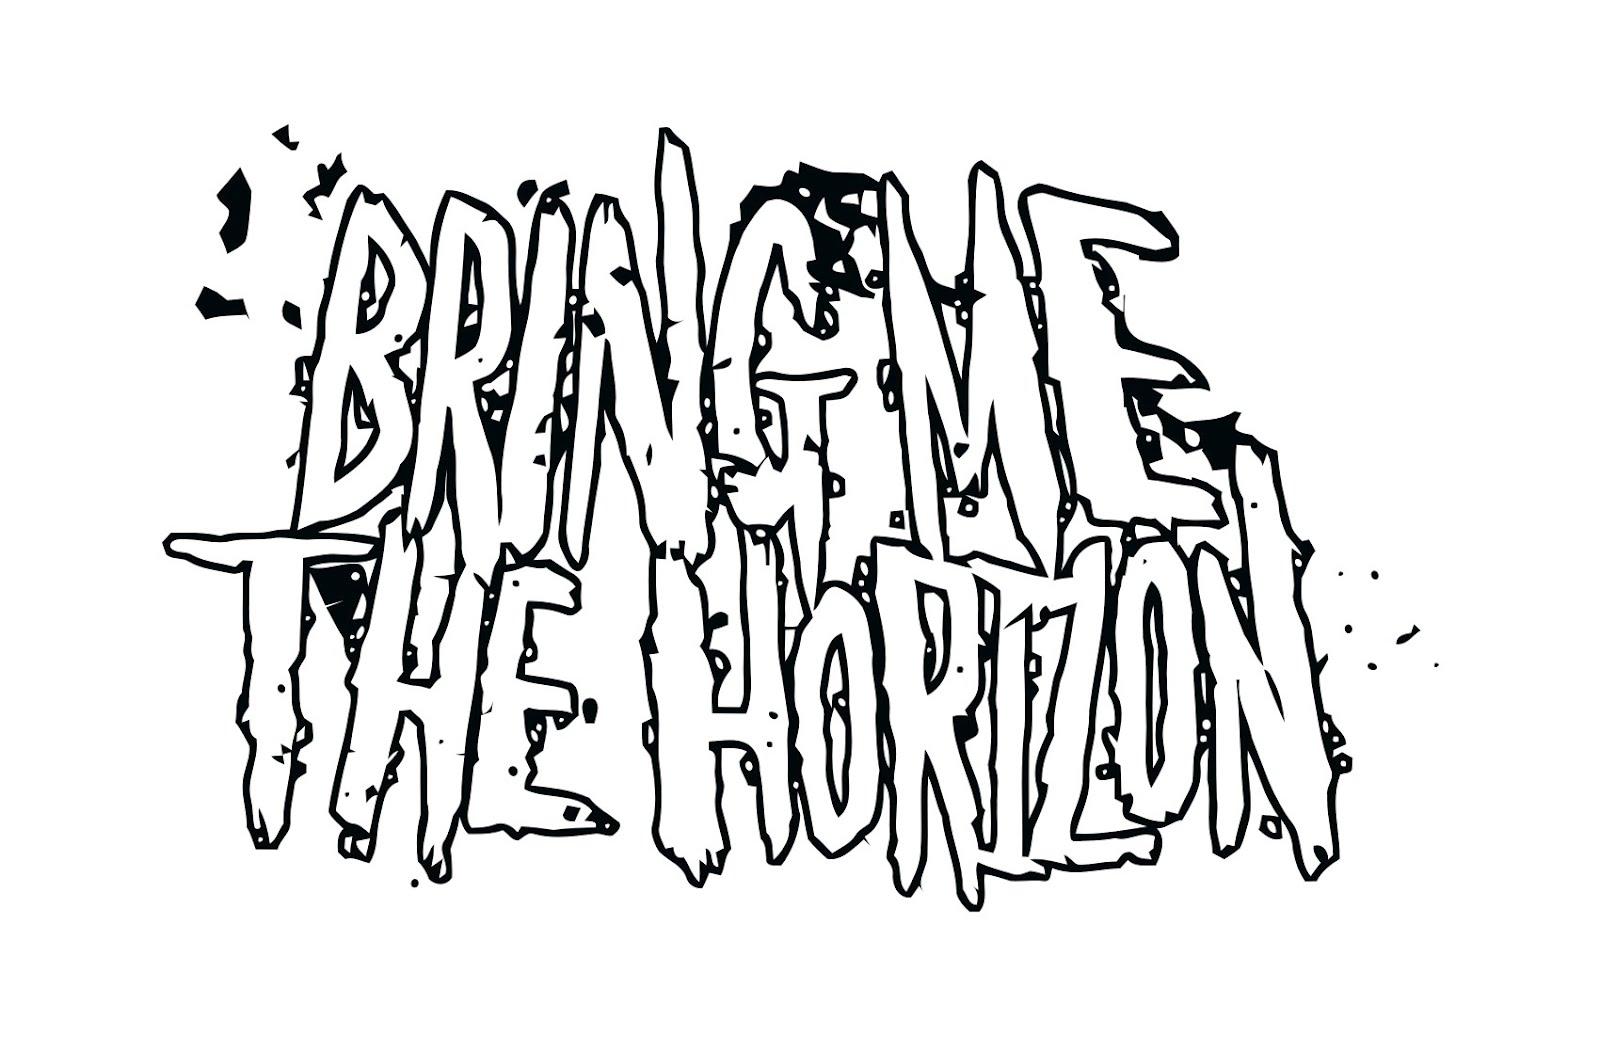 bring me the horizon group band